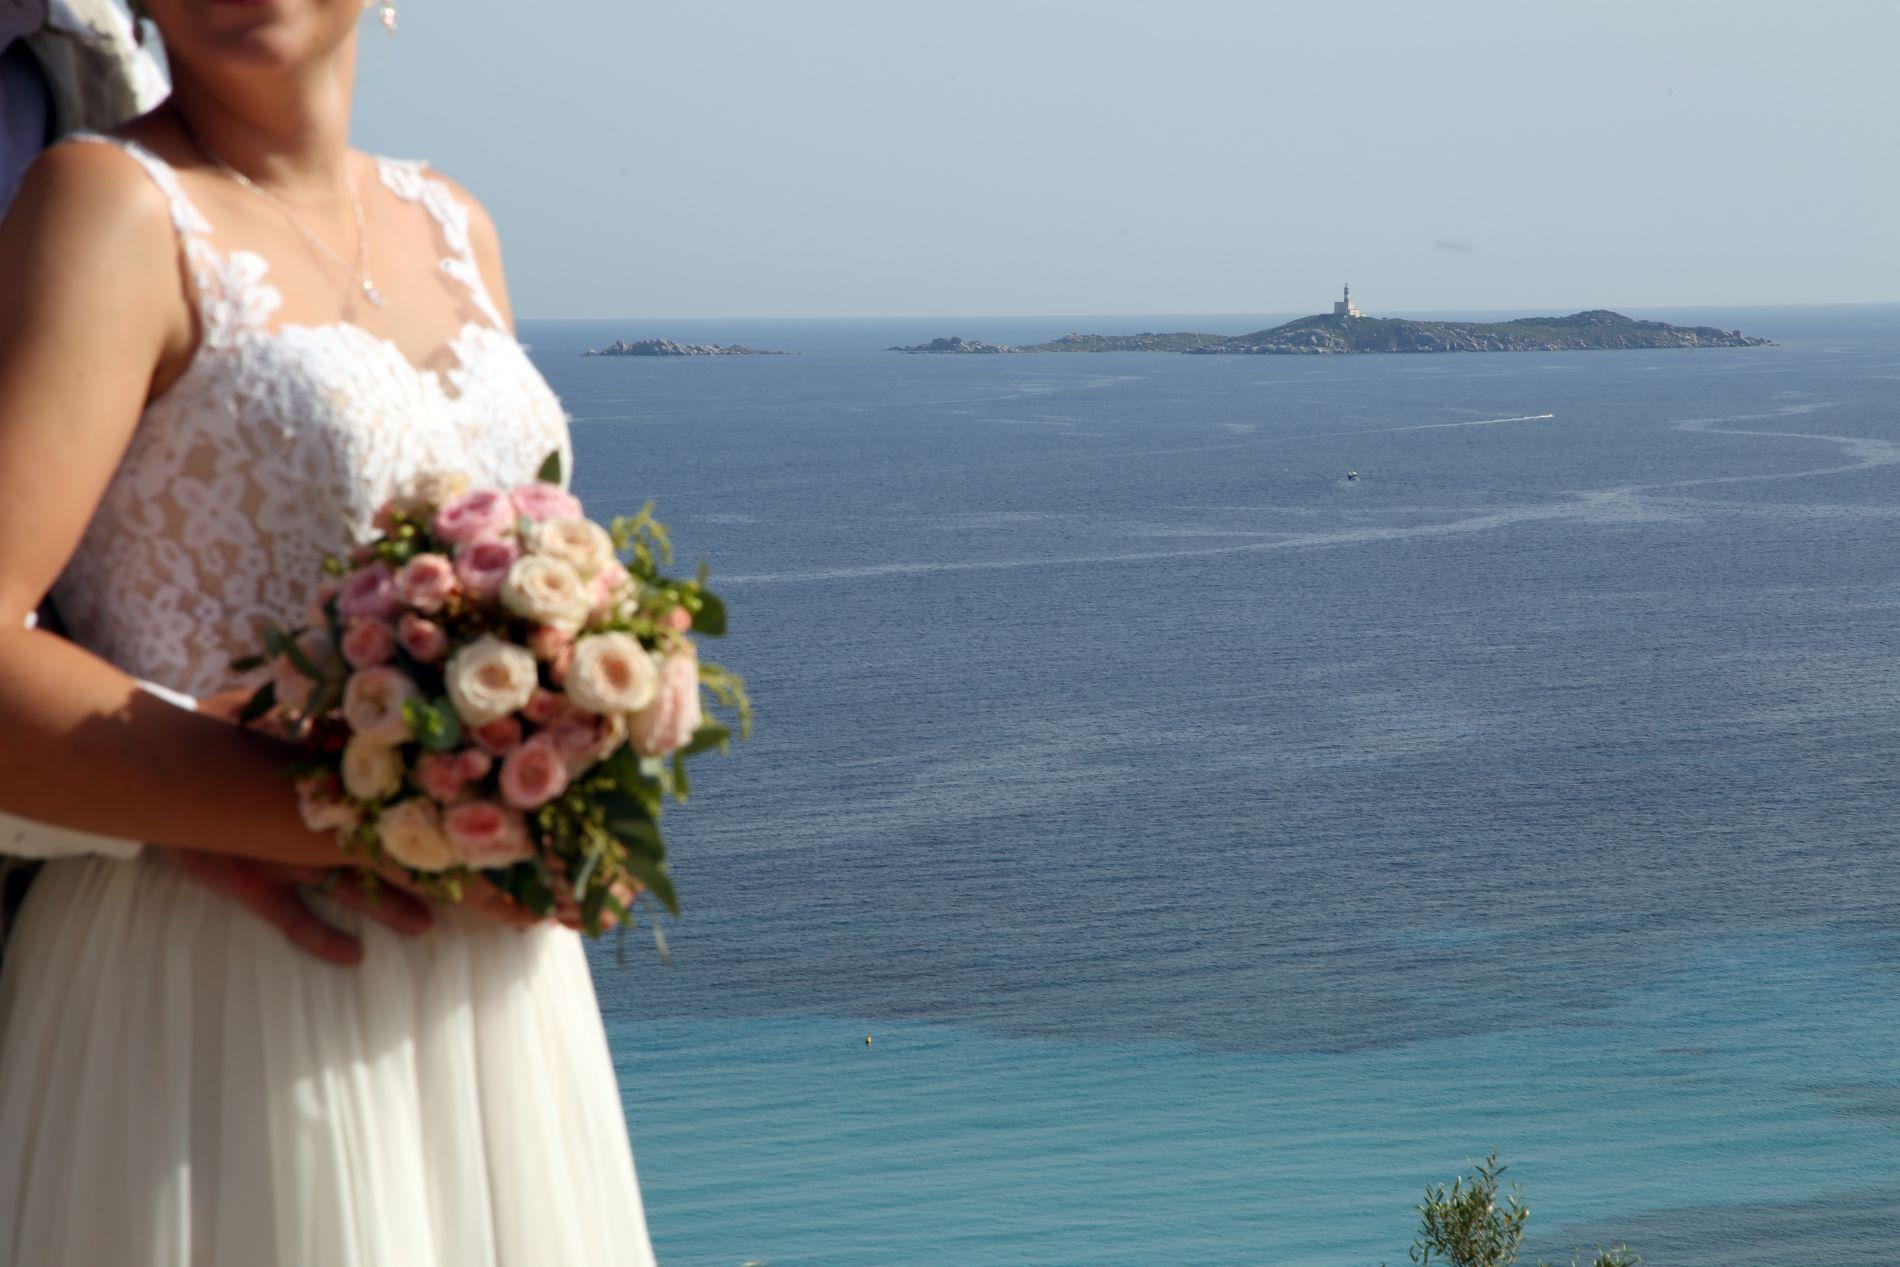 Sz Am Gardasee Eine Hochzeit Fur 30 000 Euro Fur Acht Personen